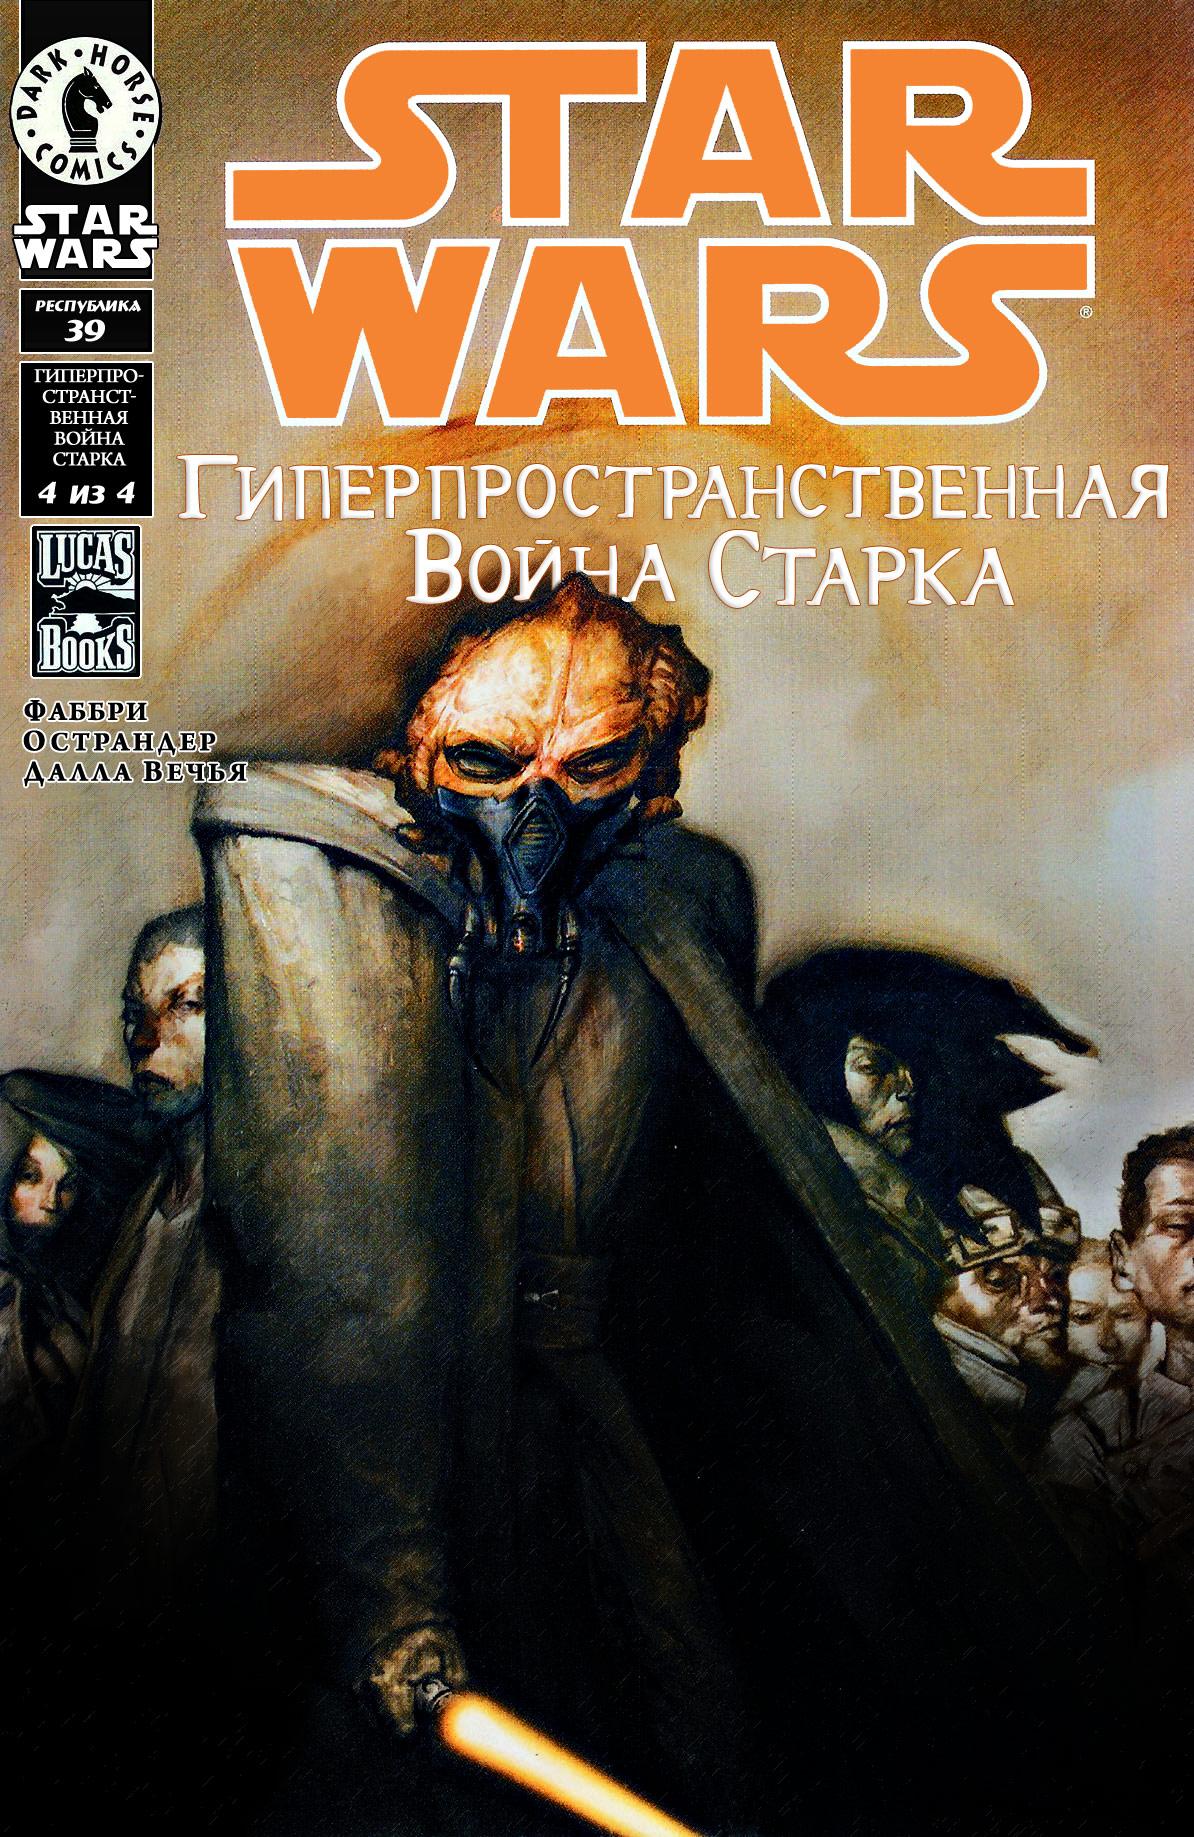 Звёздные войны. Республика 39: Гиперпространственная война Старка, часть 4